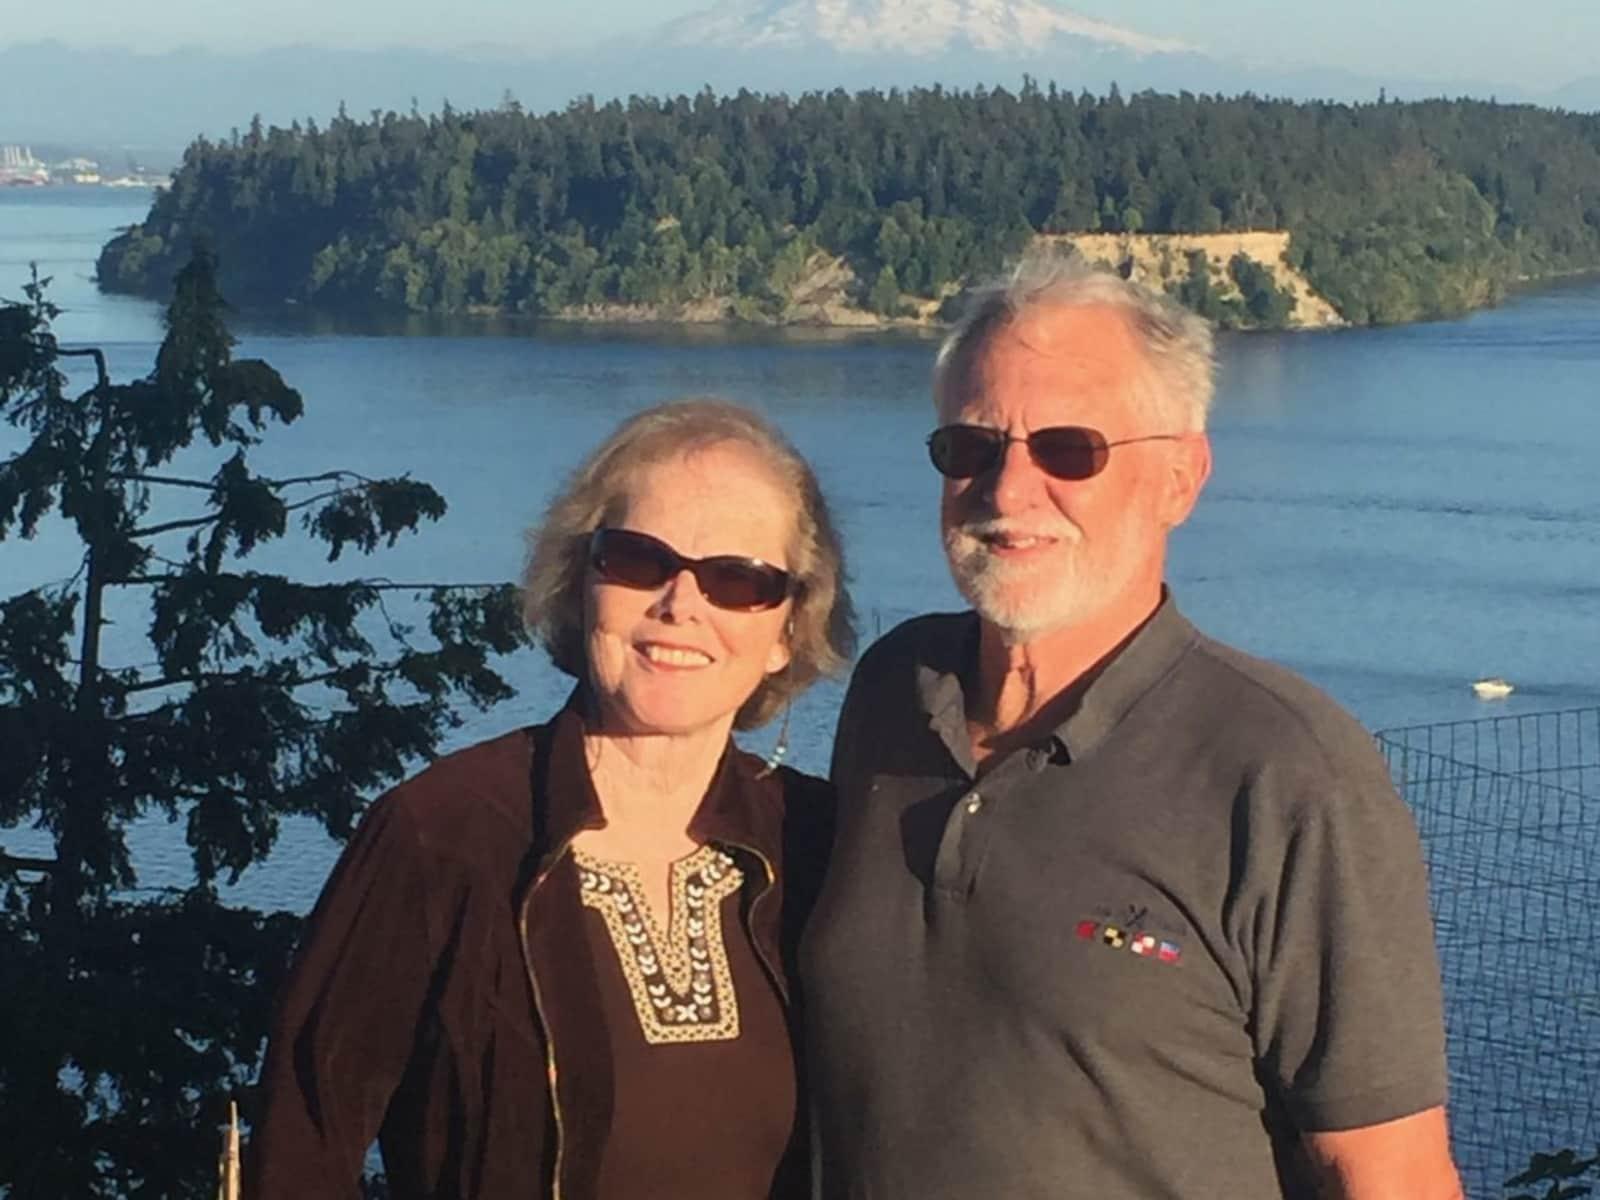 Cynthia and alan from Gig Harbor, Washington, United States